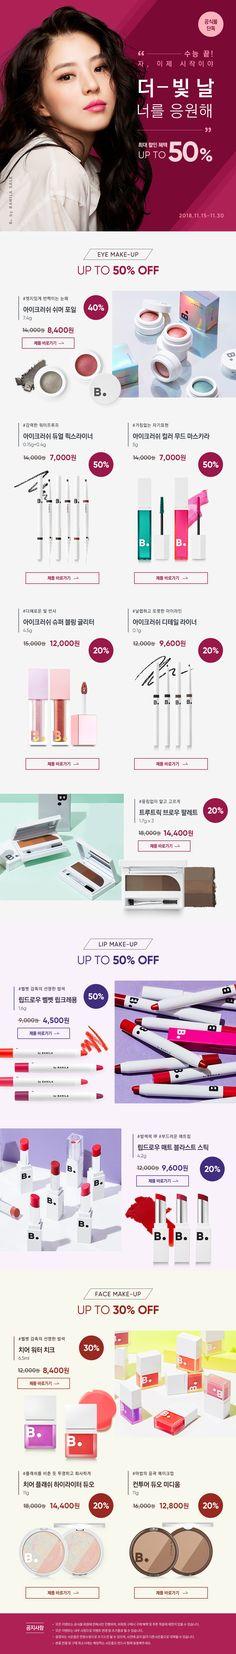 바닐라코 이벤트ㅣ바닐라코 skincare for make-up Web Layout, Layout Design, Web Design, Dermatologist Skin Care, Korea Design, Brand Promotion, Event Page, Type Setting, Web Banner